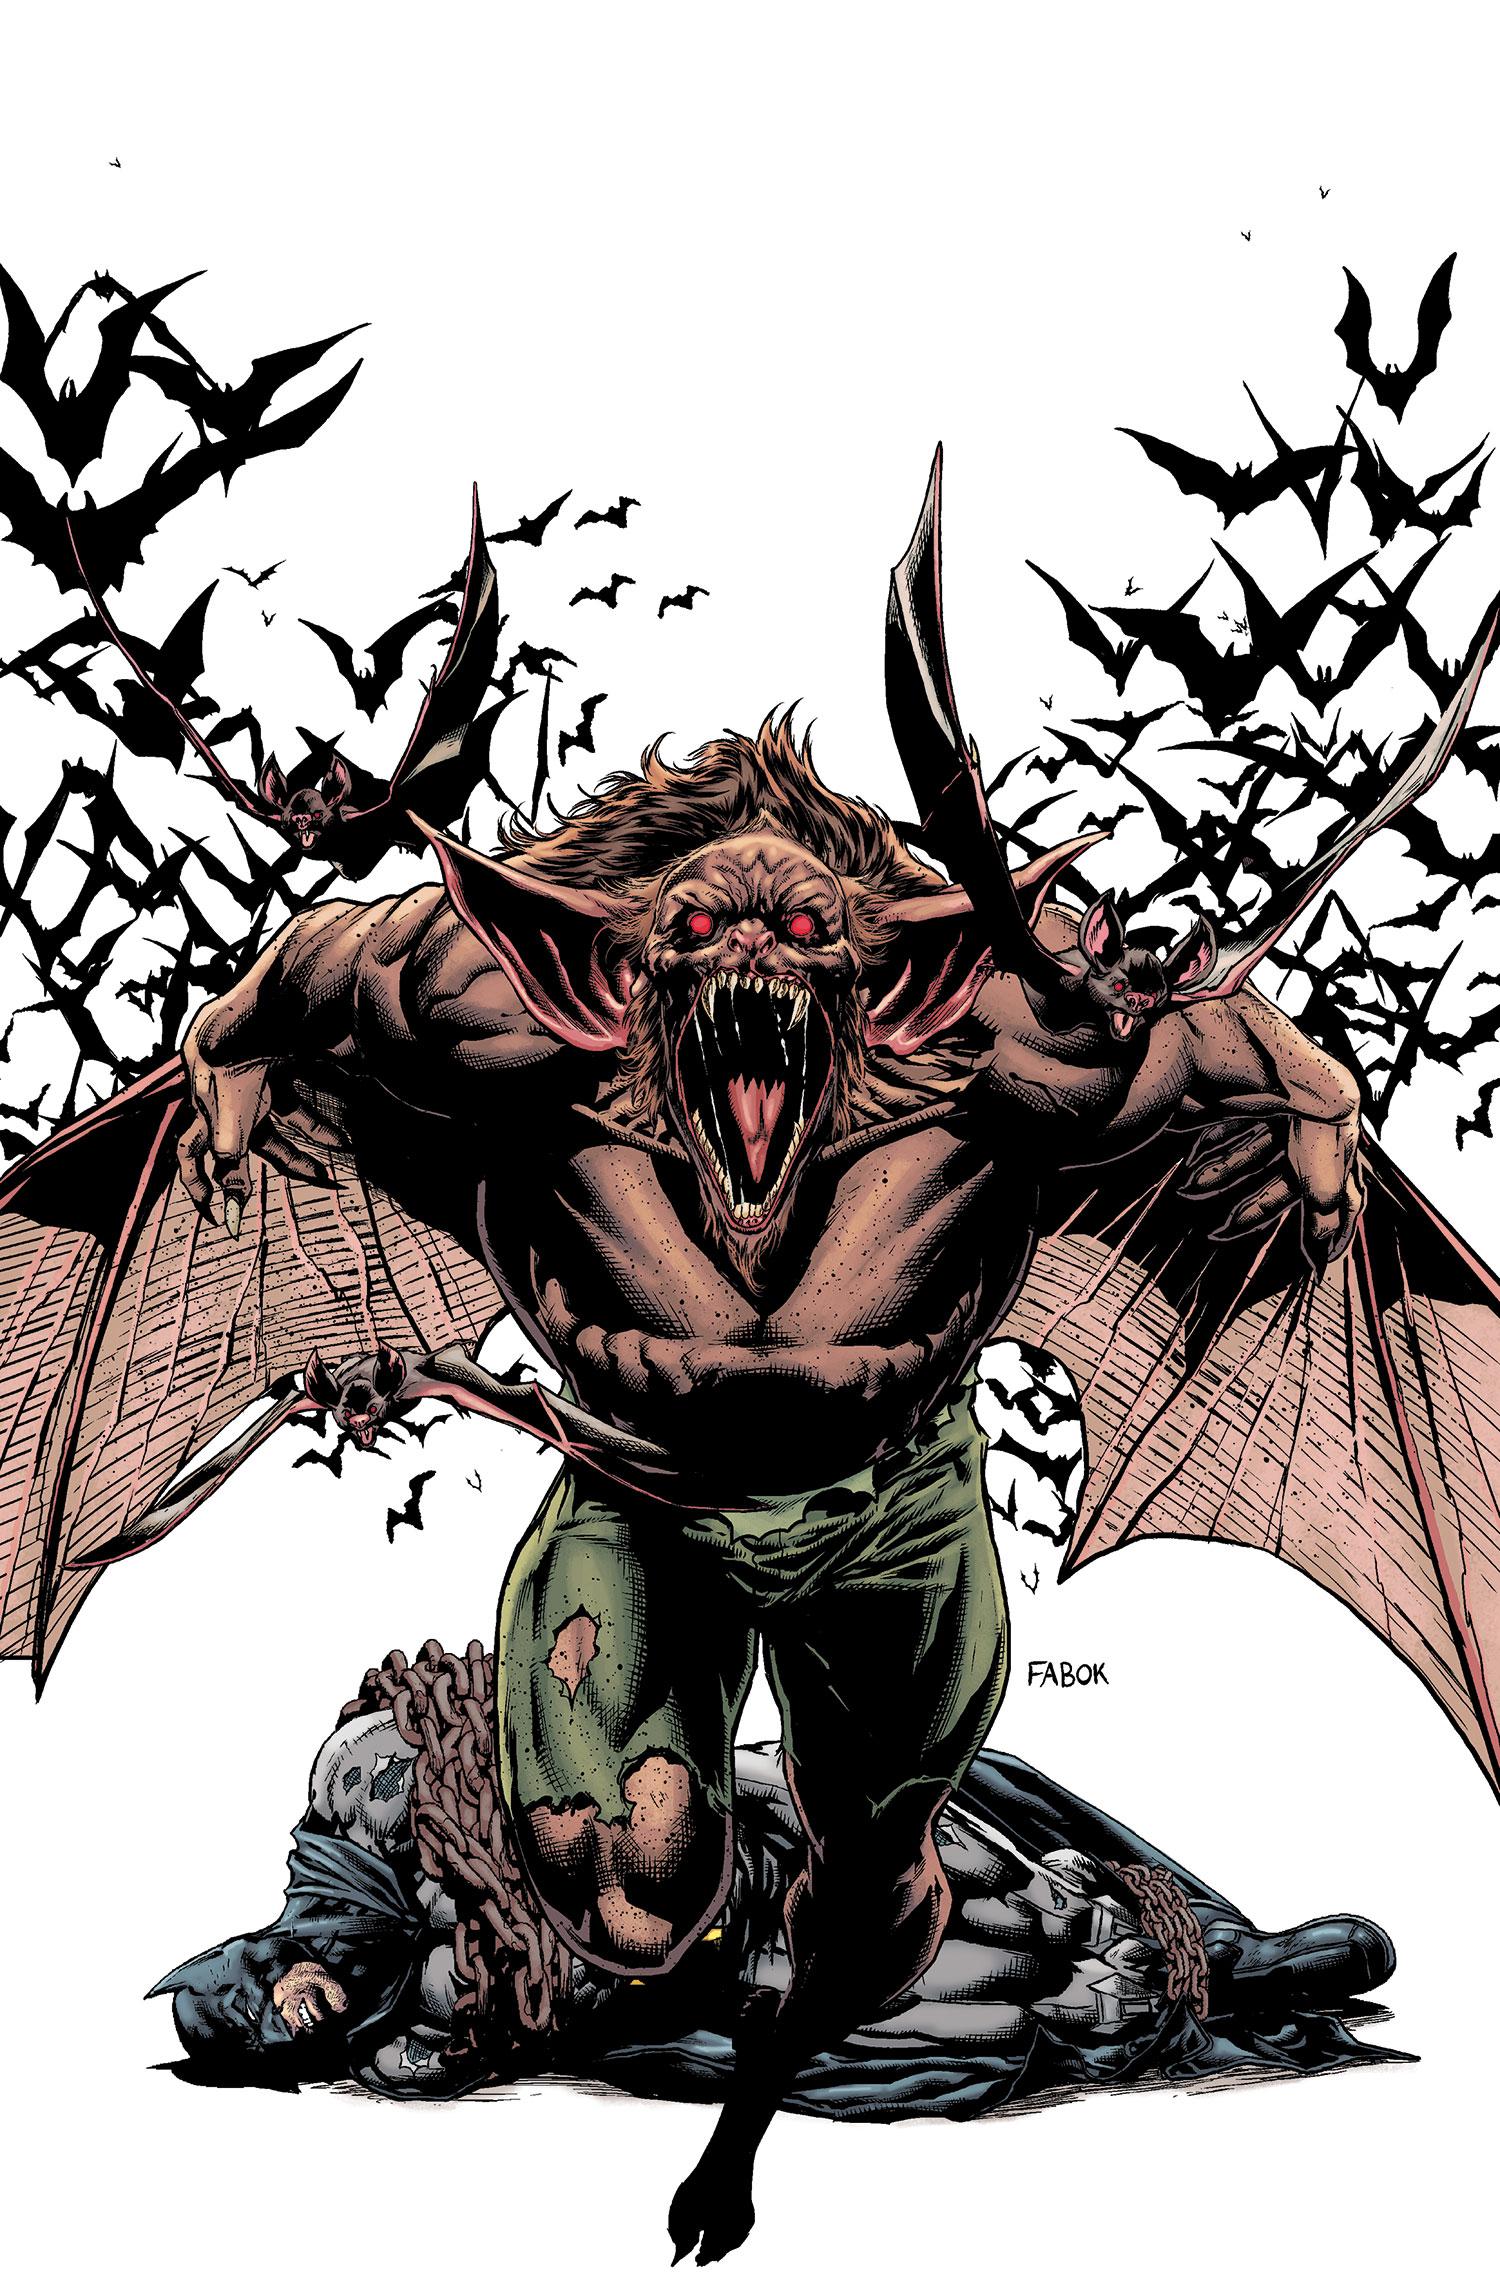 detective comics vol 2 234 man bat textless - Picture Of A Bat